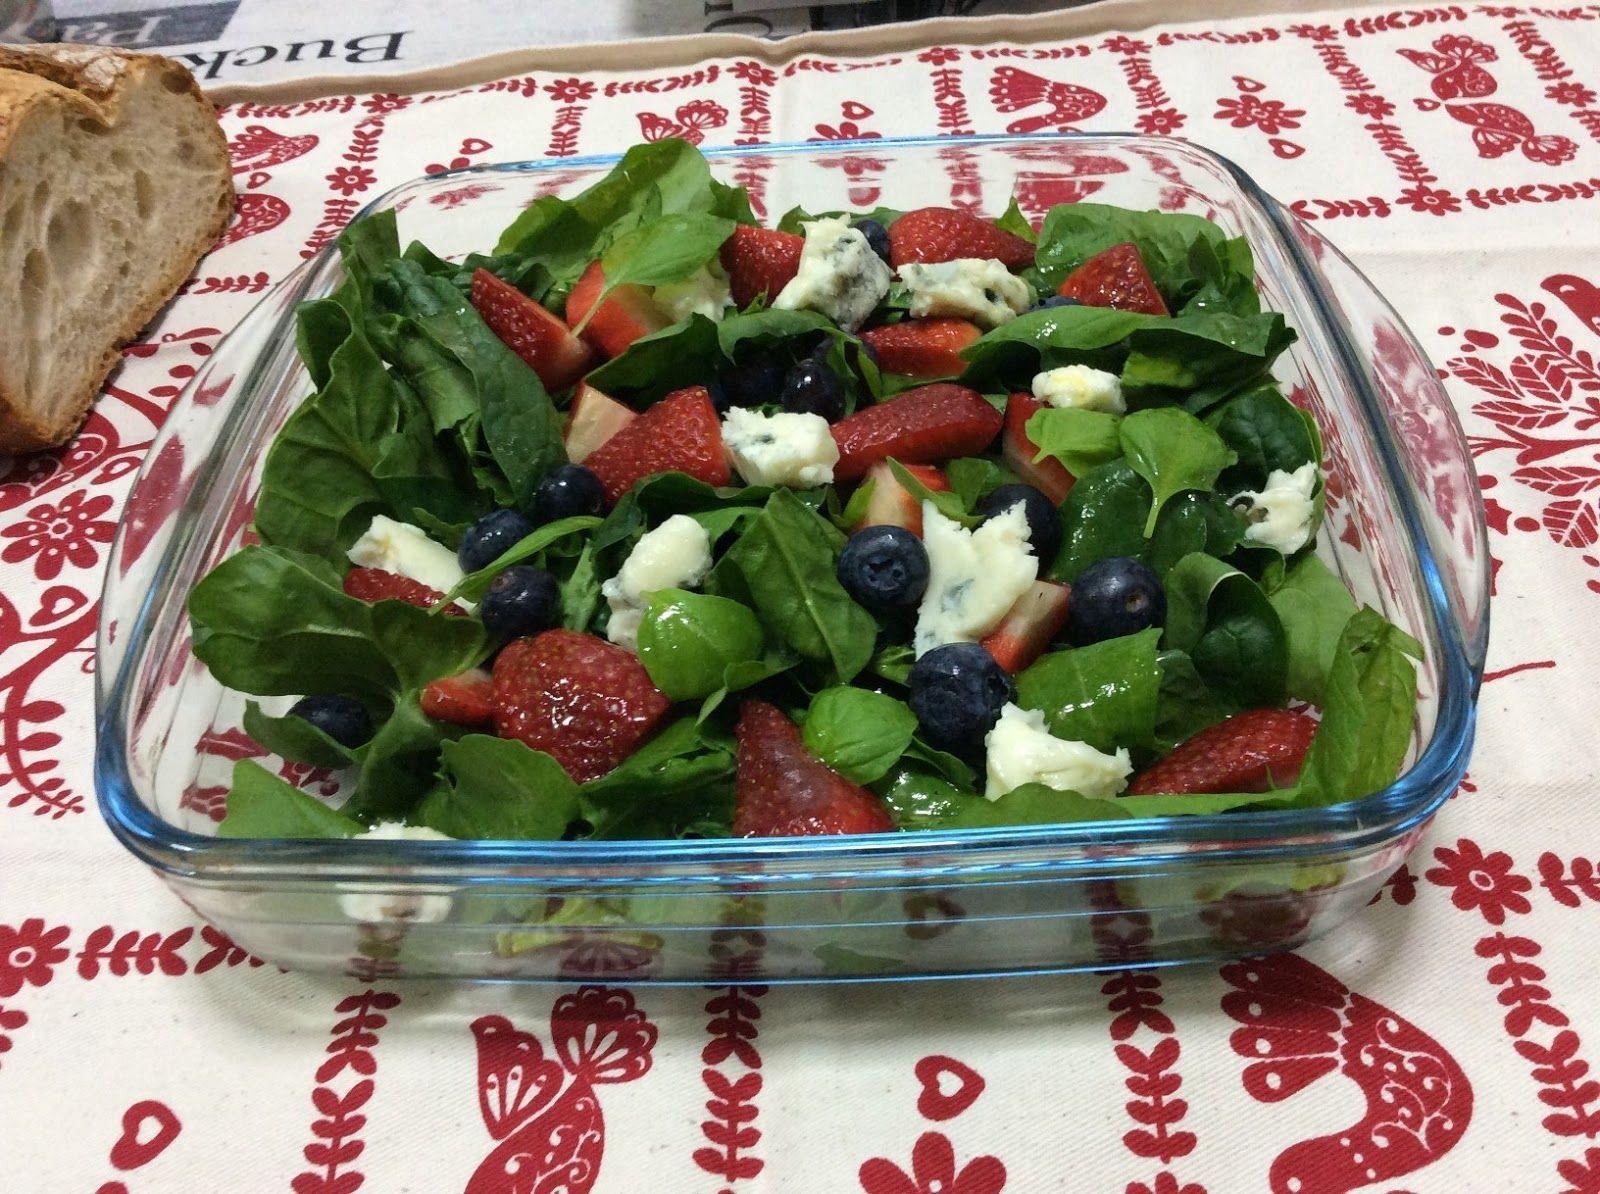 Mejor Blog Cocina | Blog De Recetas De Cocina Con Poca Sal Y Condimentadas Con